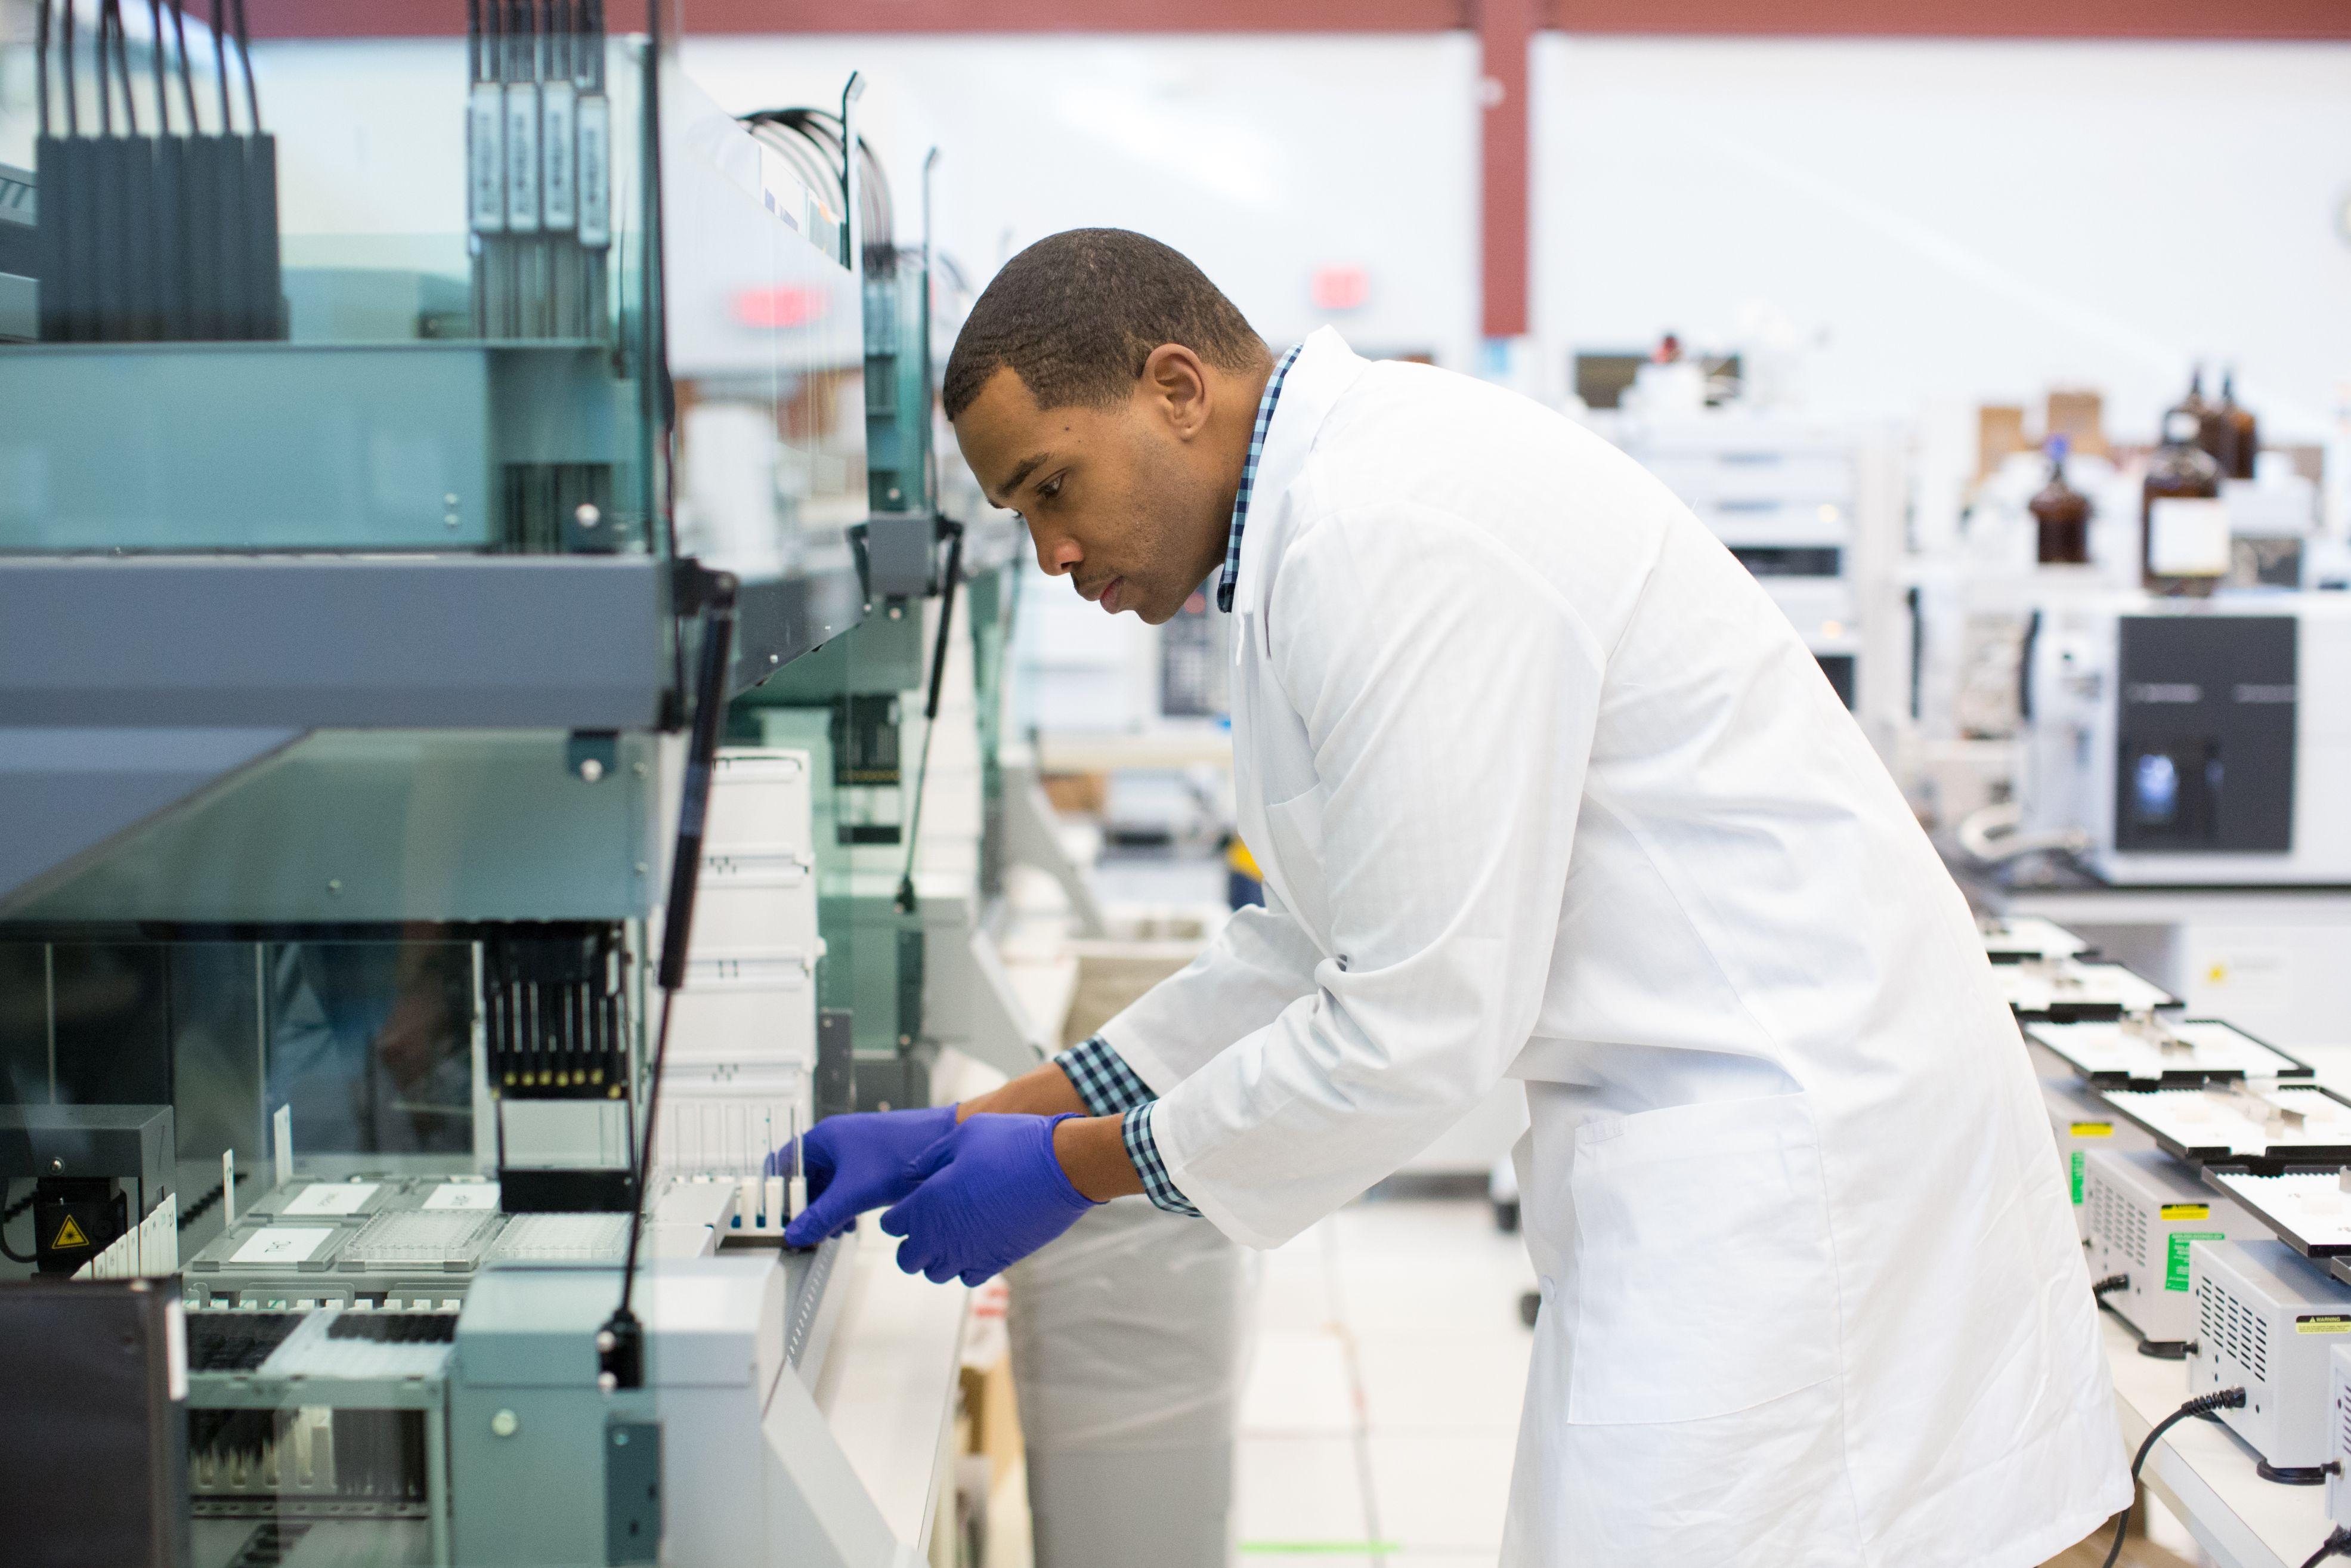 Ask the Experts: Drug testing cutoffs | Quest Diagnostics